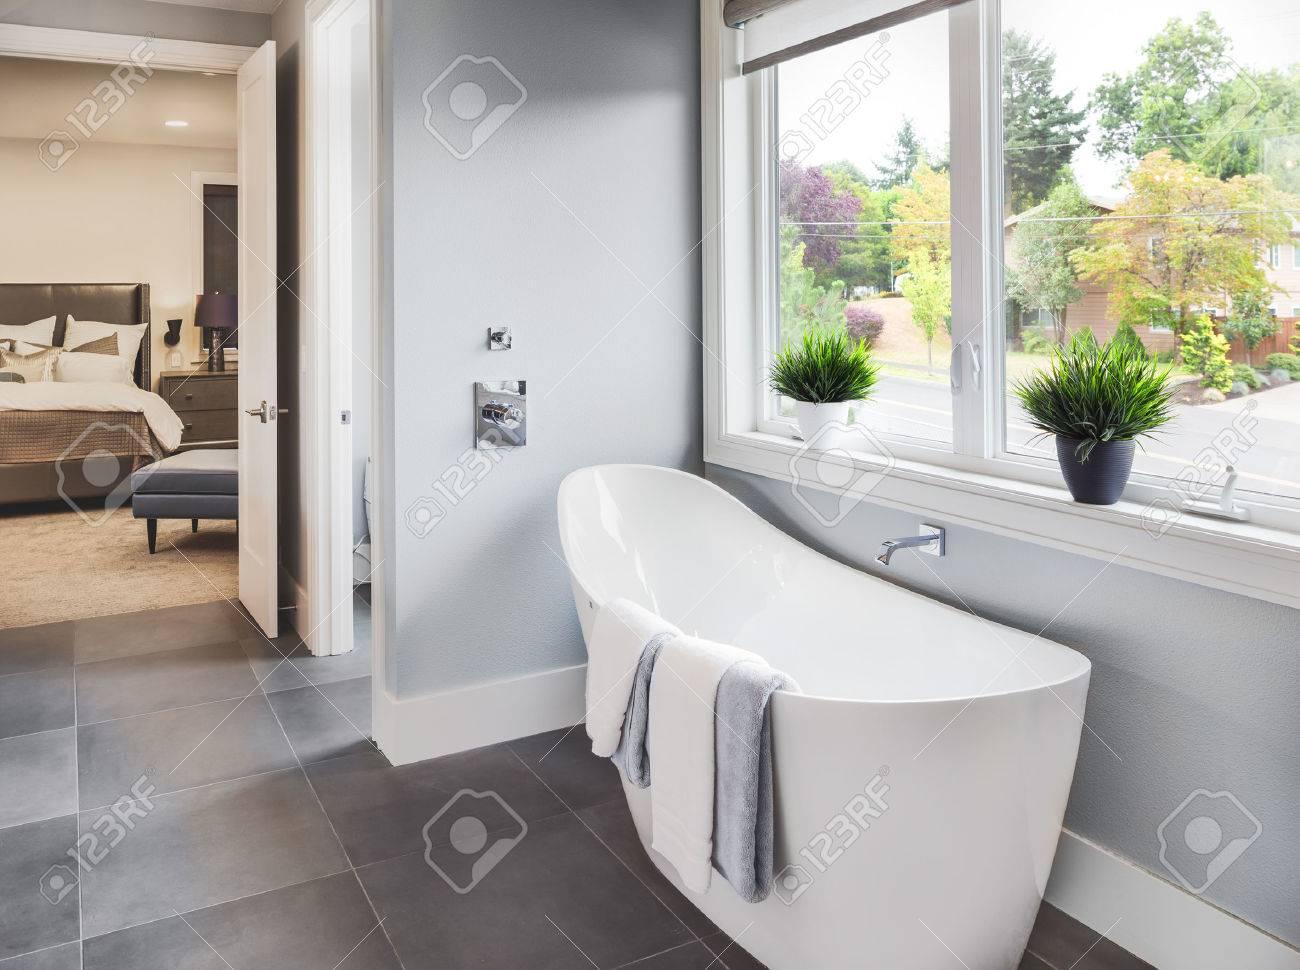 badewanne im master-bad im neuen luxus-haus mit blick auf, Schlafzimmer entwurf